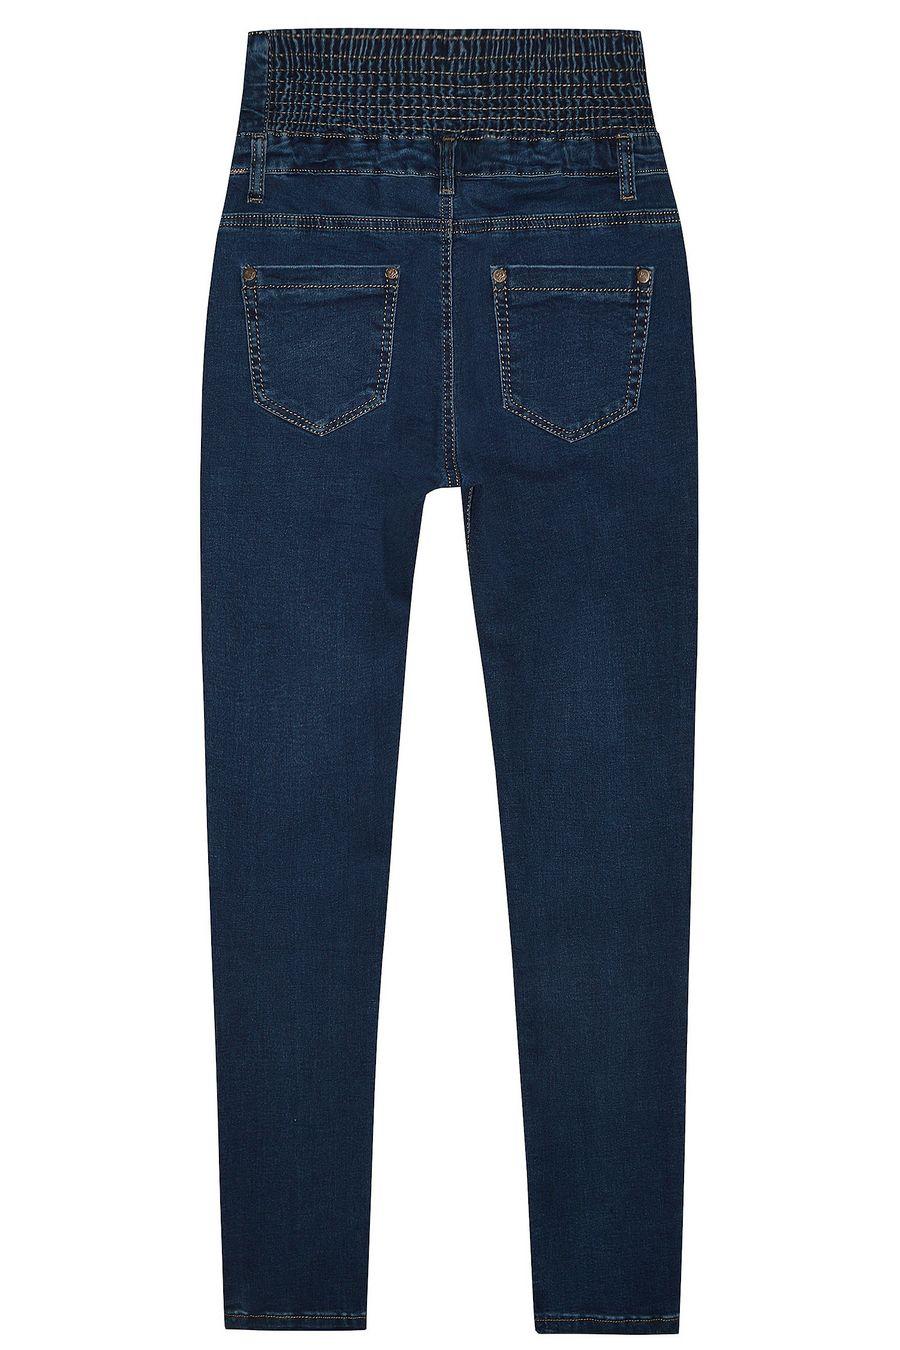 Джинсы женские K.Y Jeans L284 - фото 2